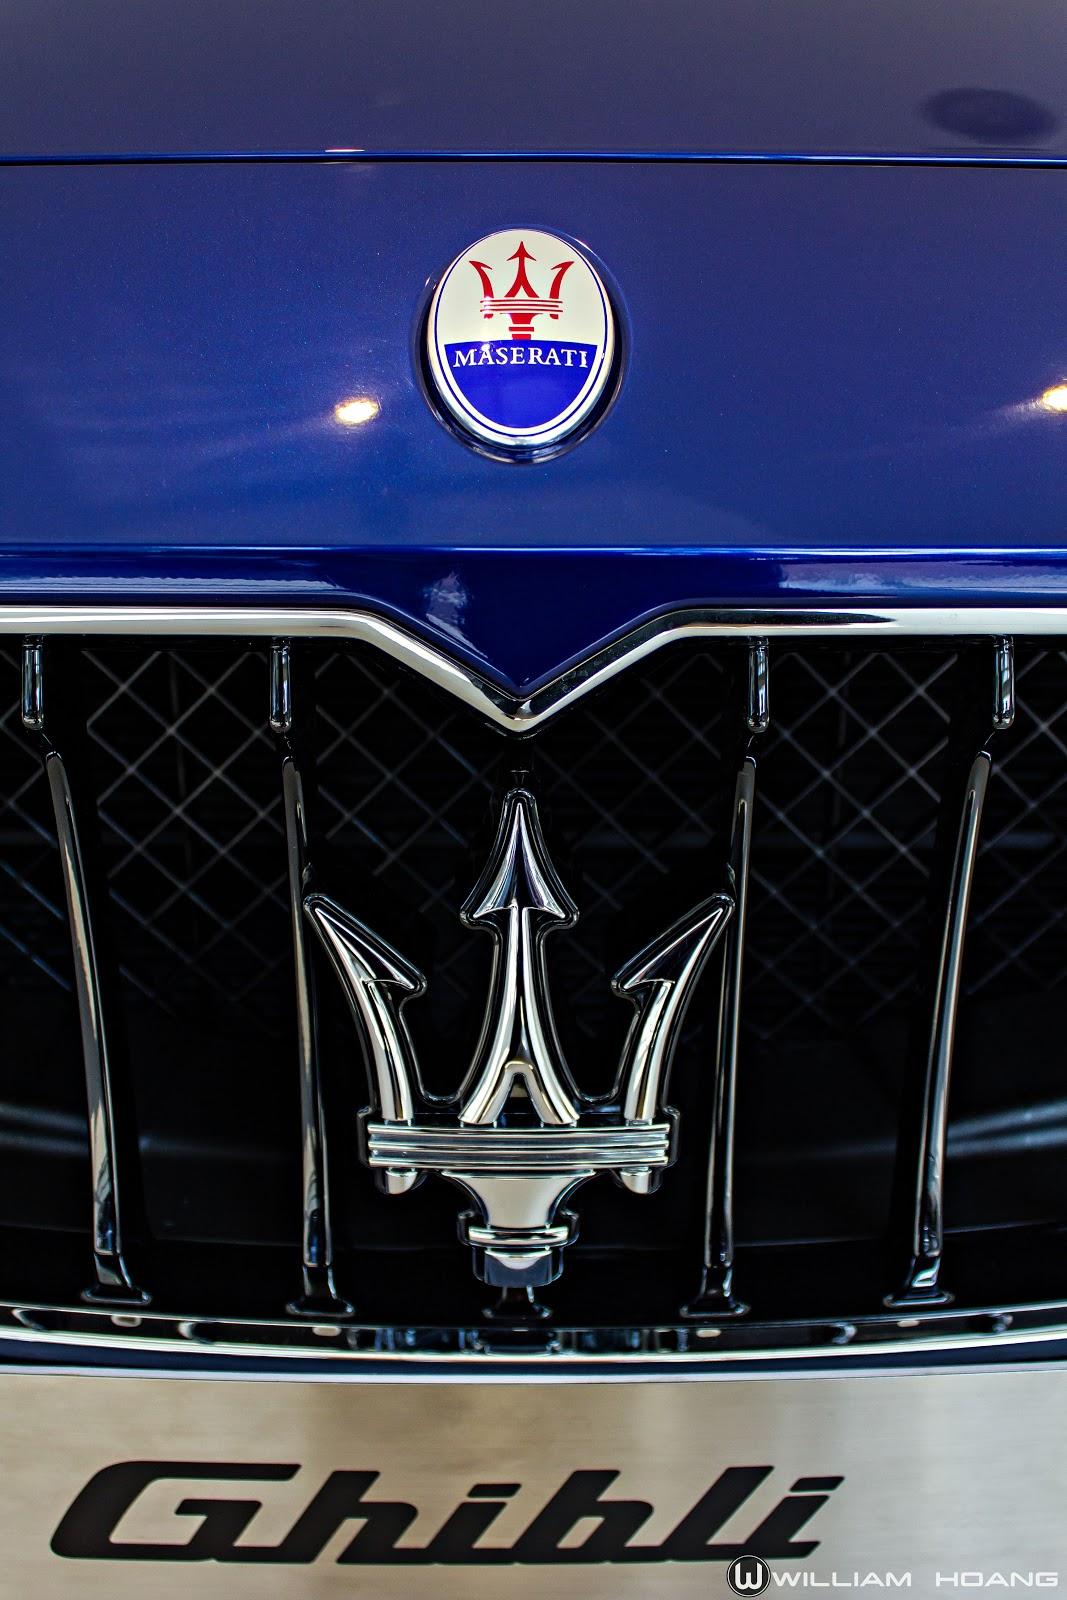 Hào nhoáng như Maserati Ghibli xanh đại dương tại Sài Gòn